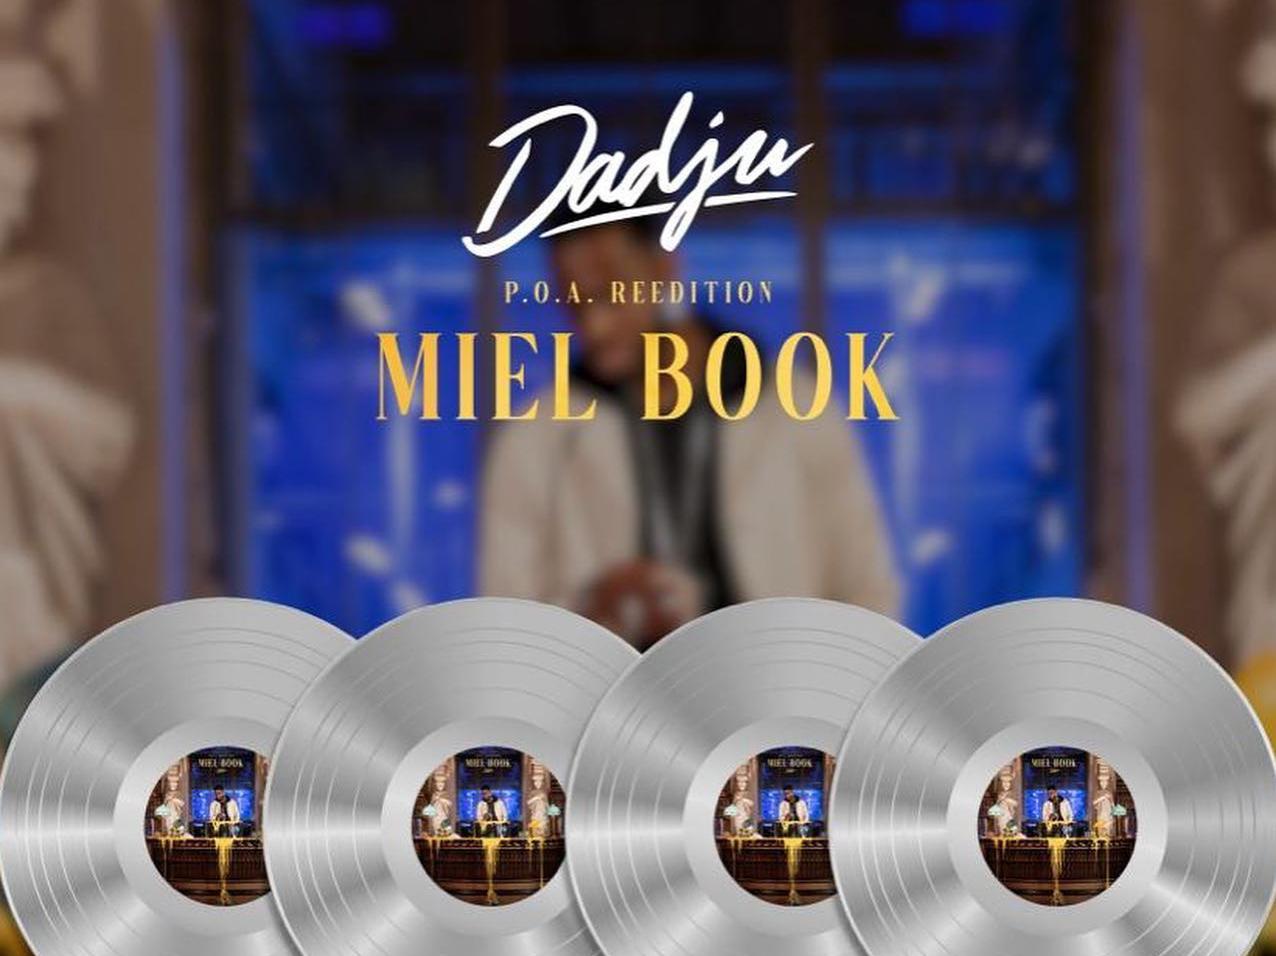 Dadju est 4 fois disque de platine avec son album POA